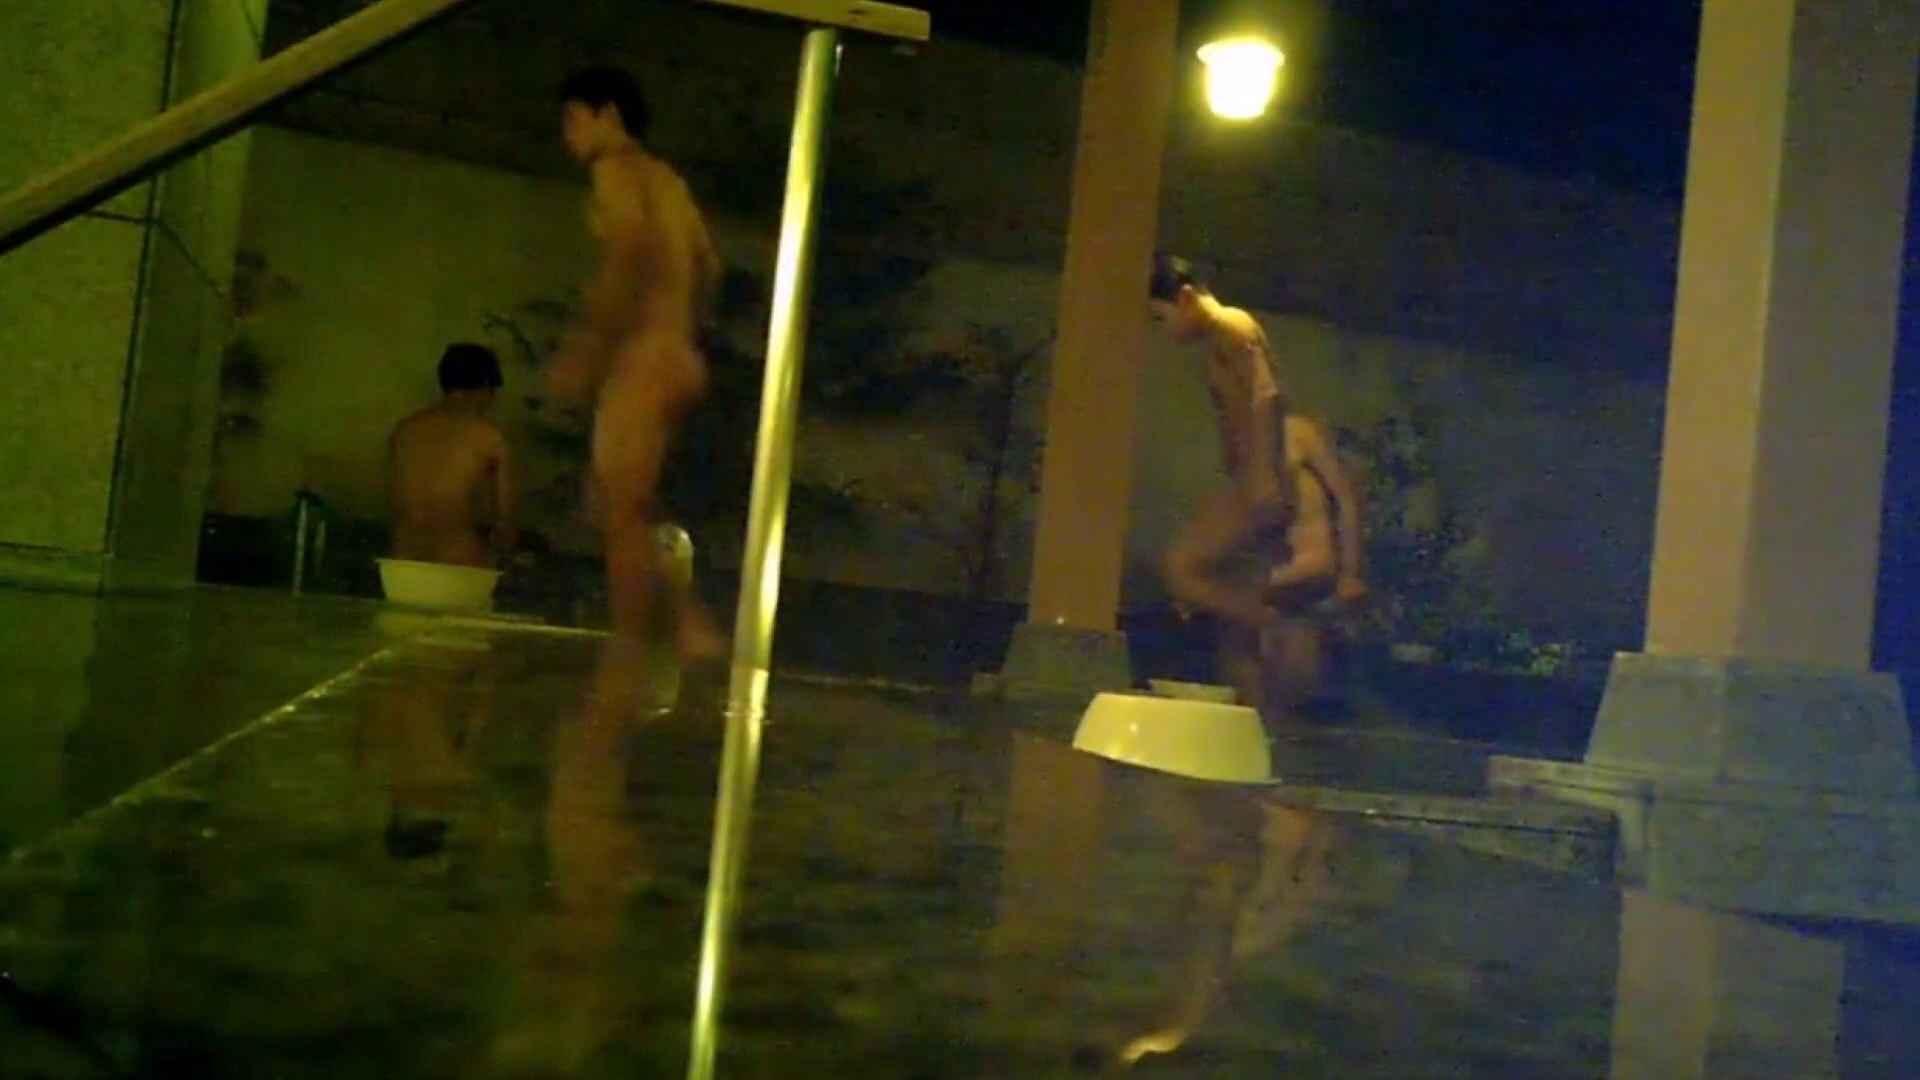 行くぜ!がっつり男風呂!Vol.08 裸 ゲイフリーエロ画像 8画像 2